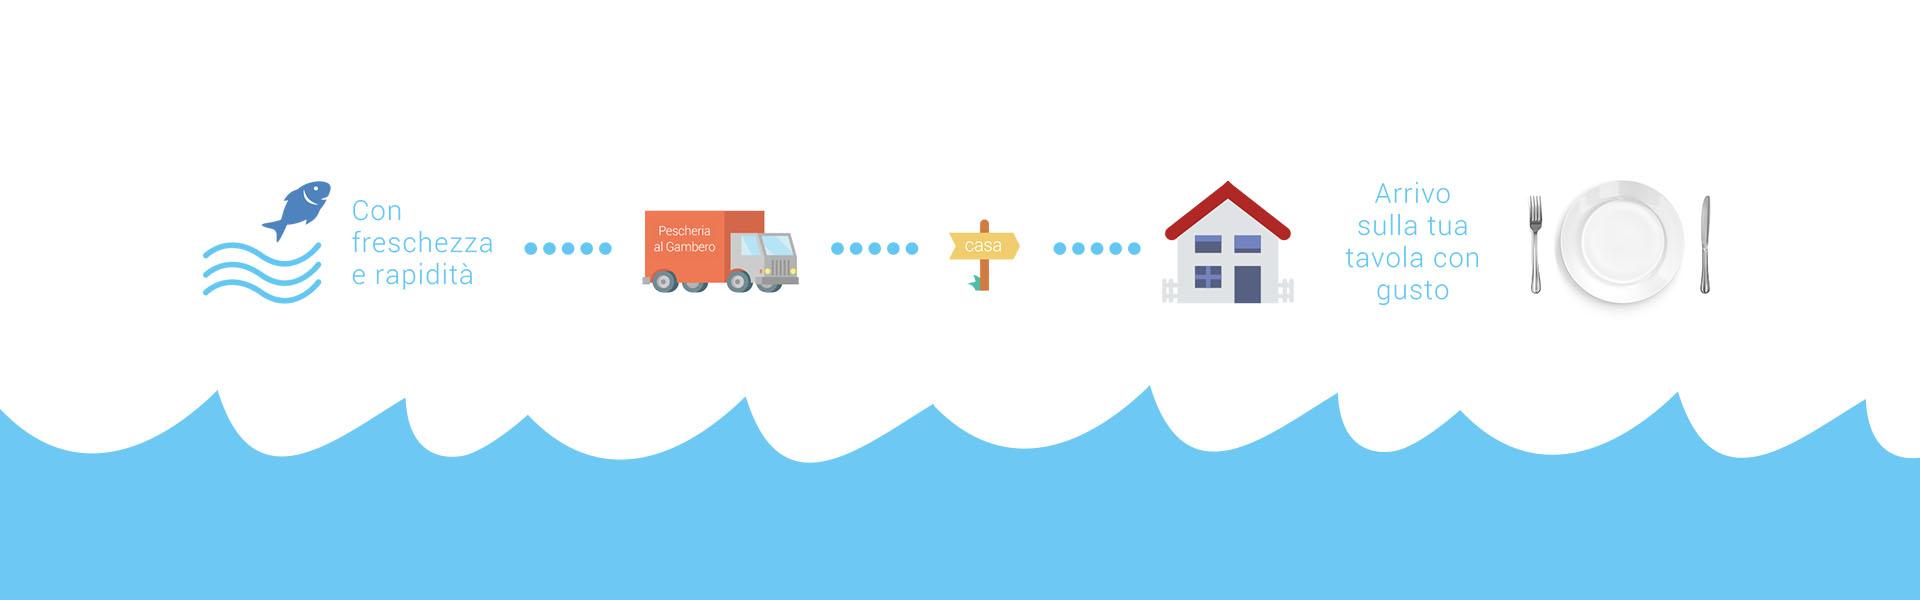 consegna a domicilio diagramma pescheria